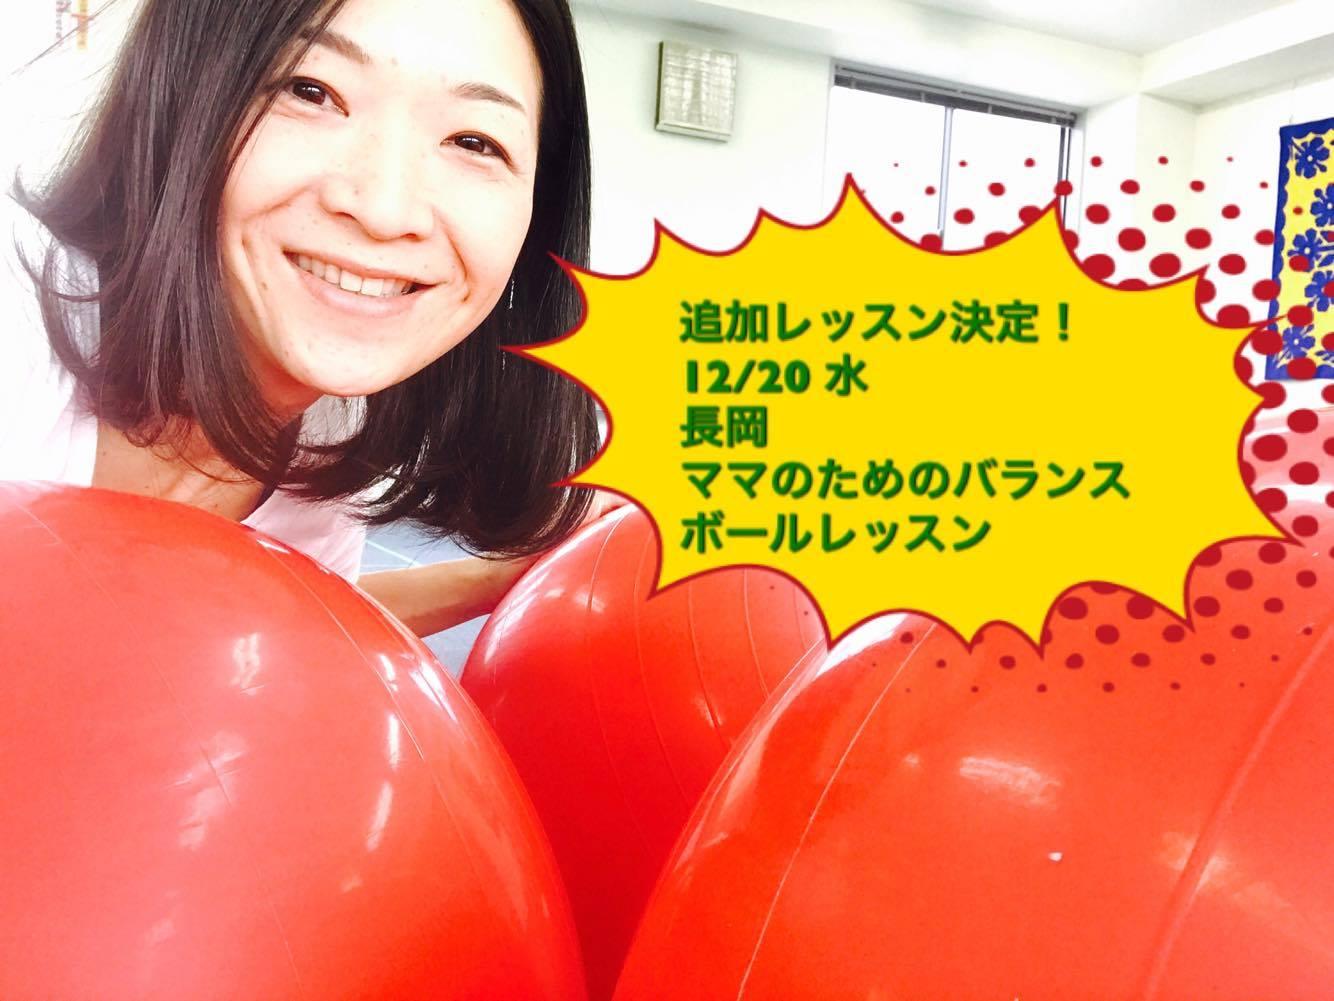 【残席2】12/20 長岡 ママのためのバランスボールレッスン(単発)